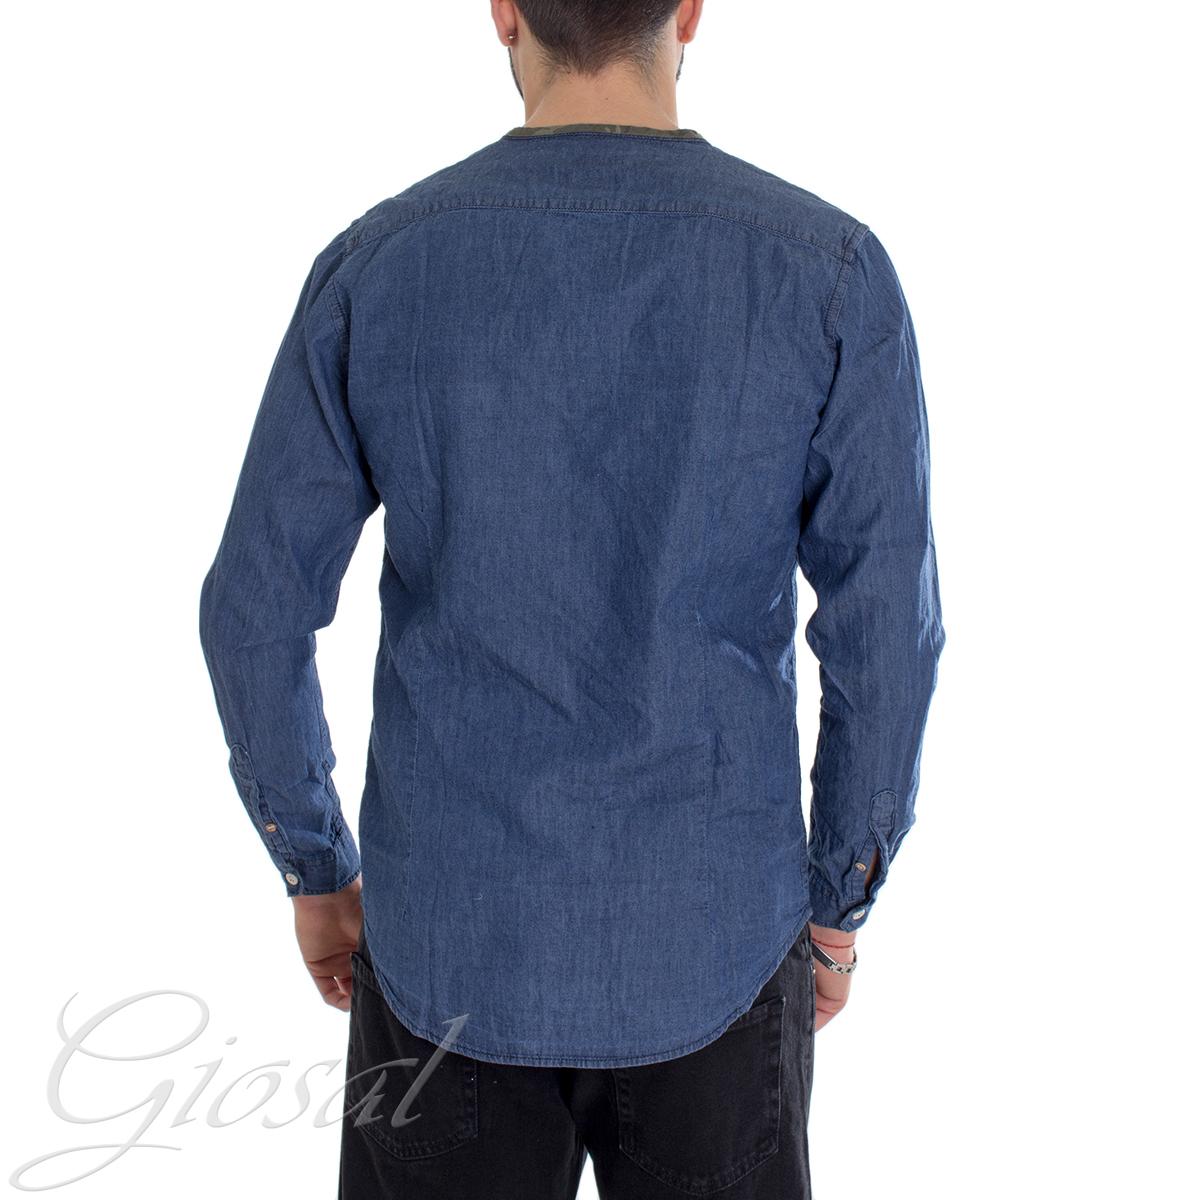 Camicia-Uomo-Jeans-Denim-Collo-Coreano-Sfrangiato-Primaverile-Casual-GIOSAL miniatura 3